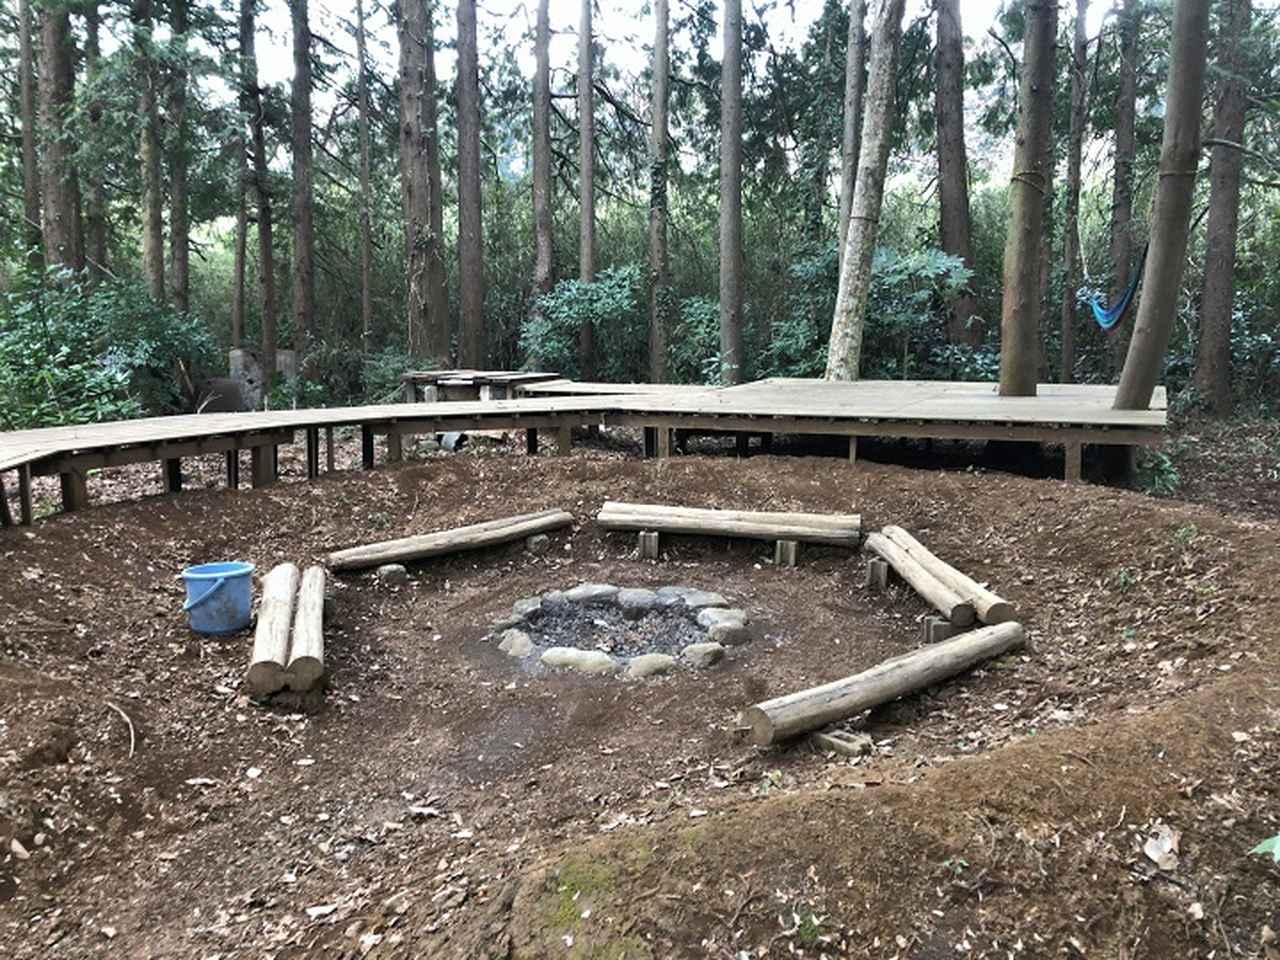 画像: ロケをした「焚き火ビレッジいの」敷地内には本格的な焚き火スペースも